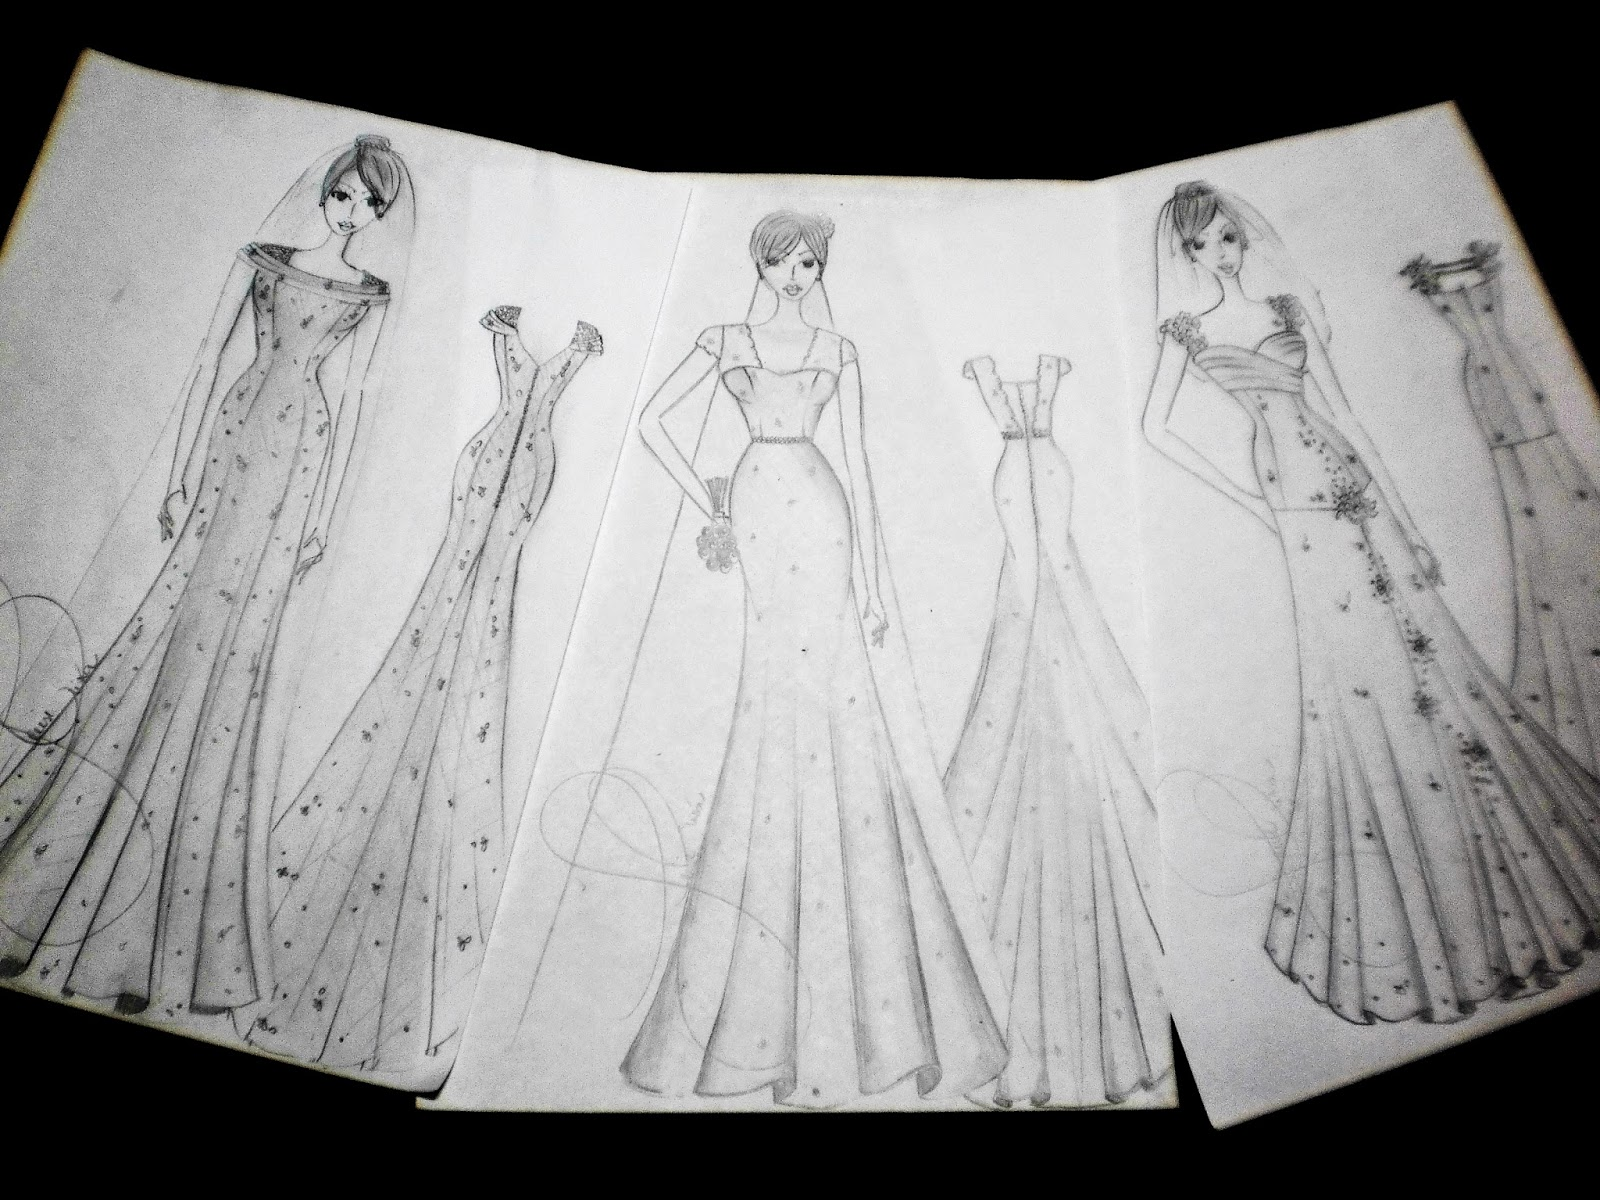 Desenho vestido de noiva, desenho de moda, croqui, noiva, vestido, modelos, desenho Gleikka